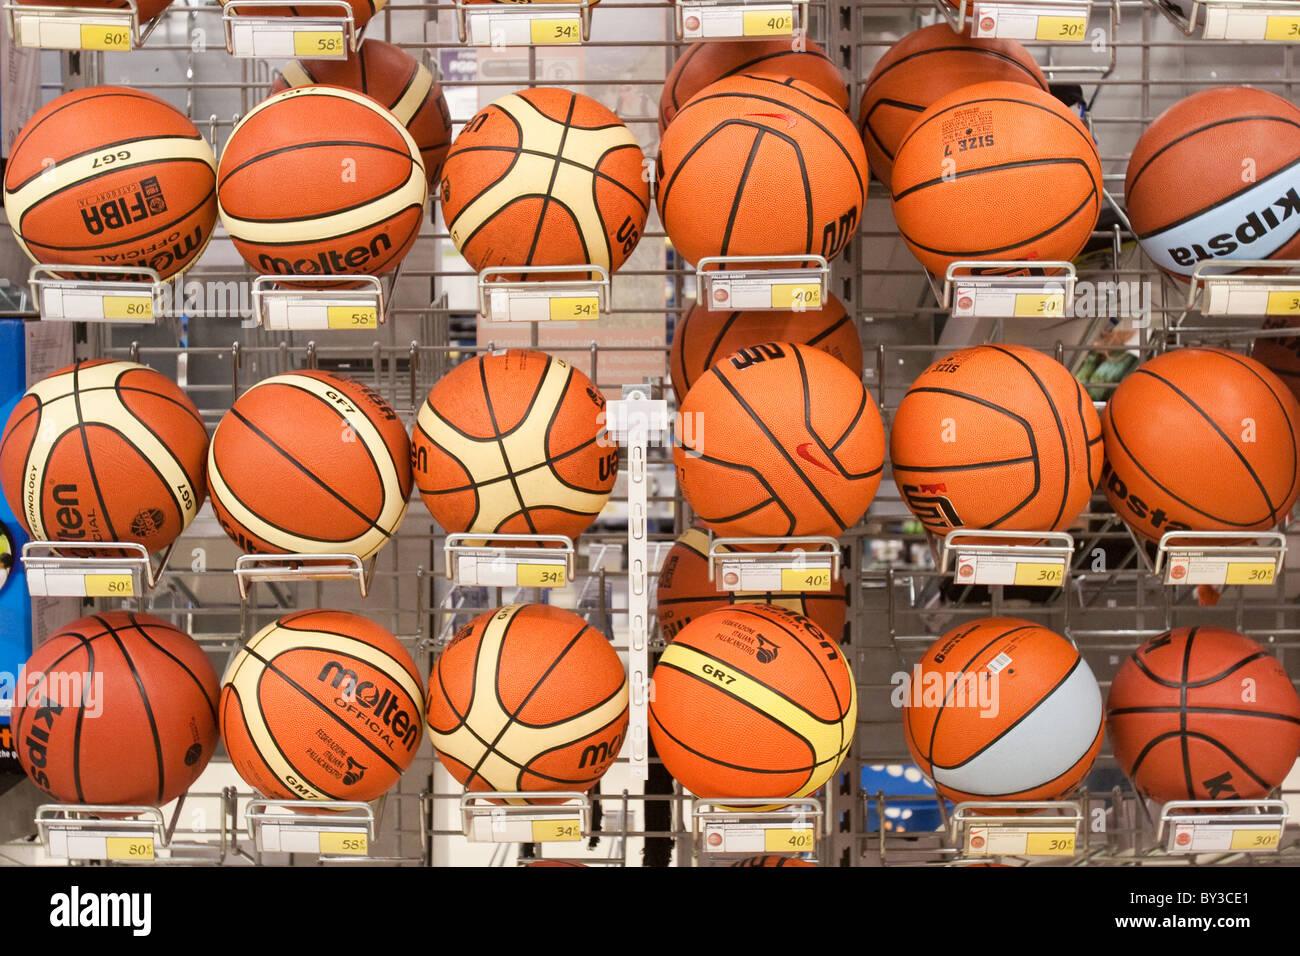 Basketball balls displayed shelves